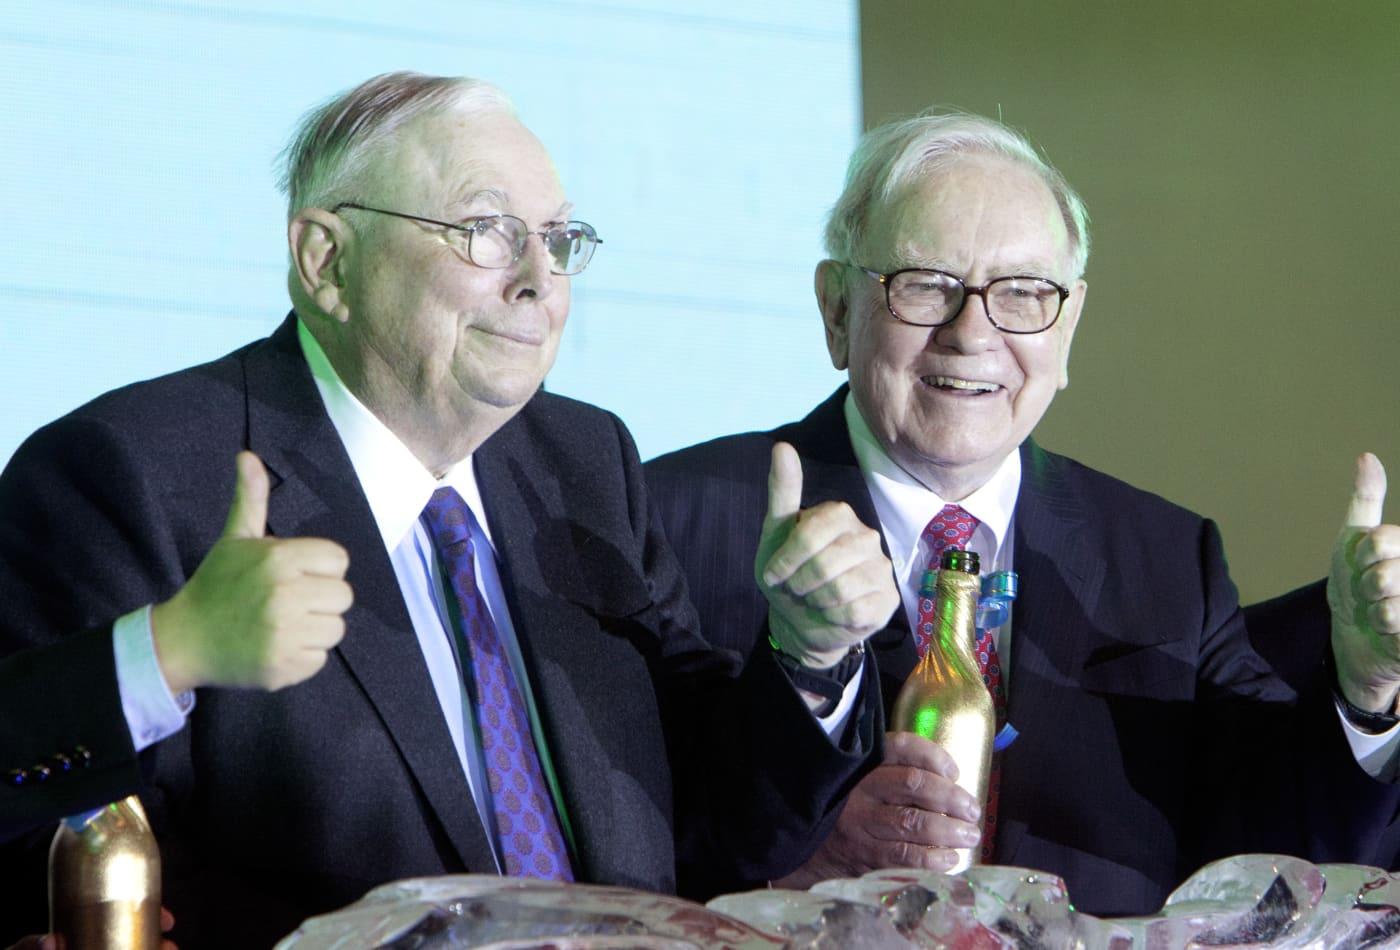 Charlie Munger cảnh báo nhà đầu tư non nớt đang bị dụ vào một bong bóng nguy hiểm - Ảnh 1.